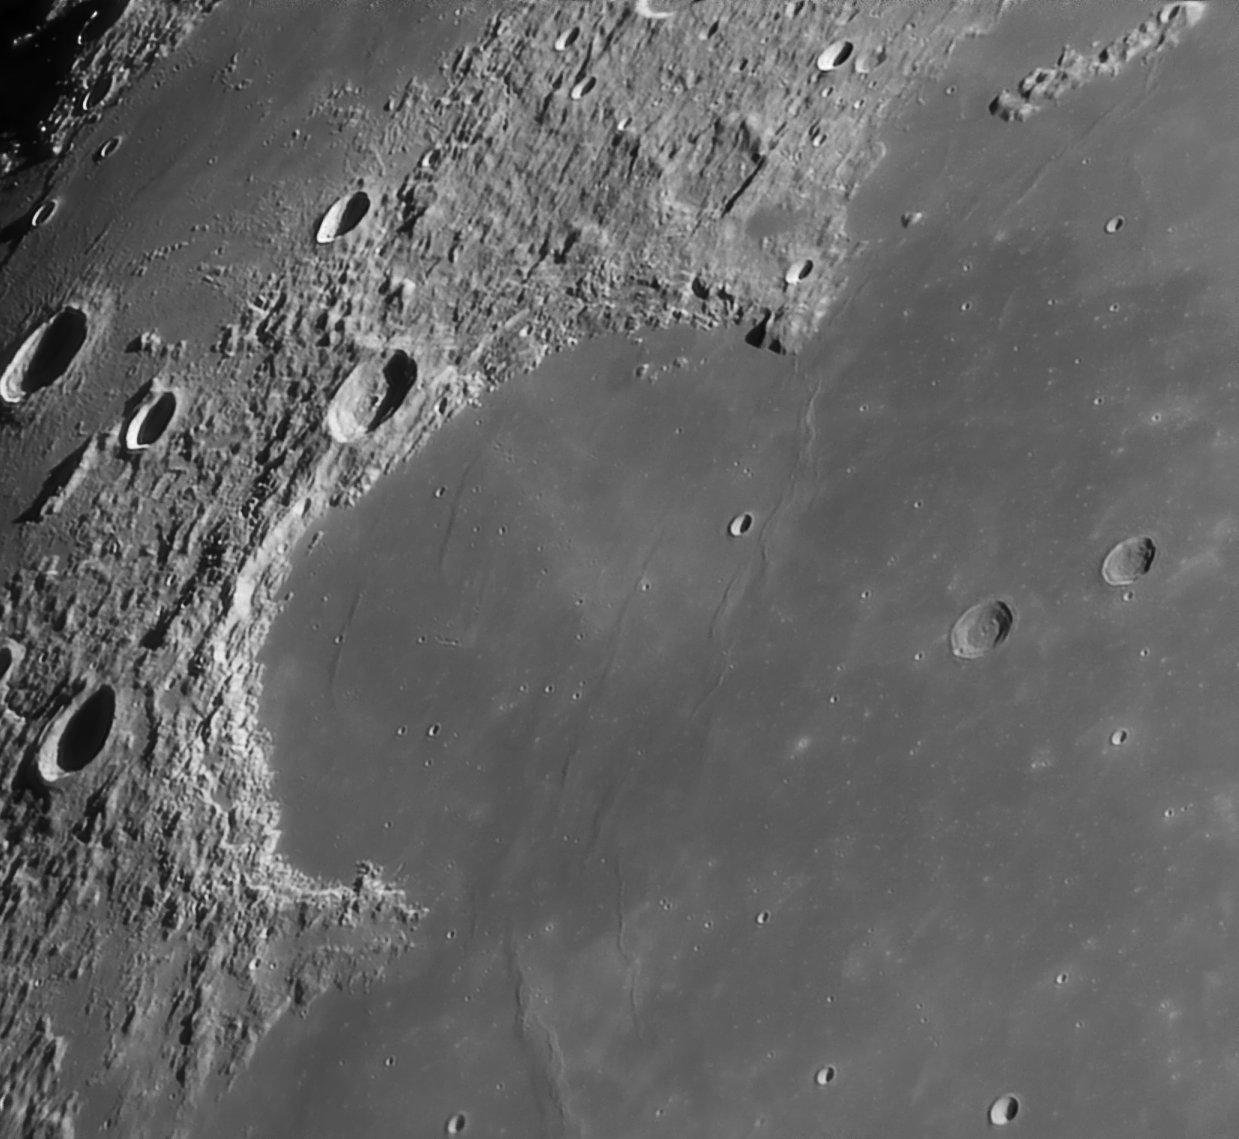 Lluna - Toni Font